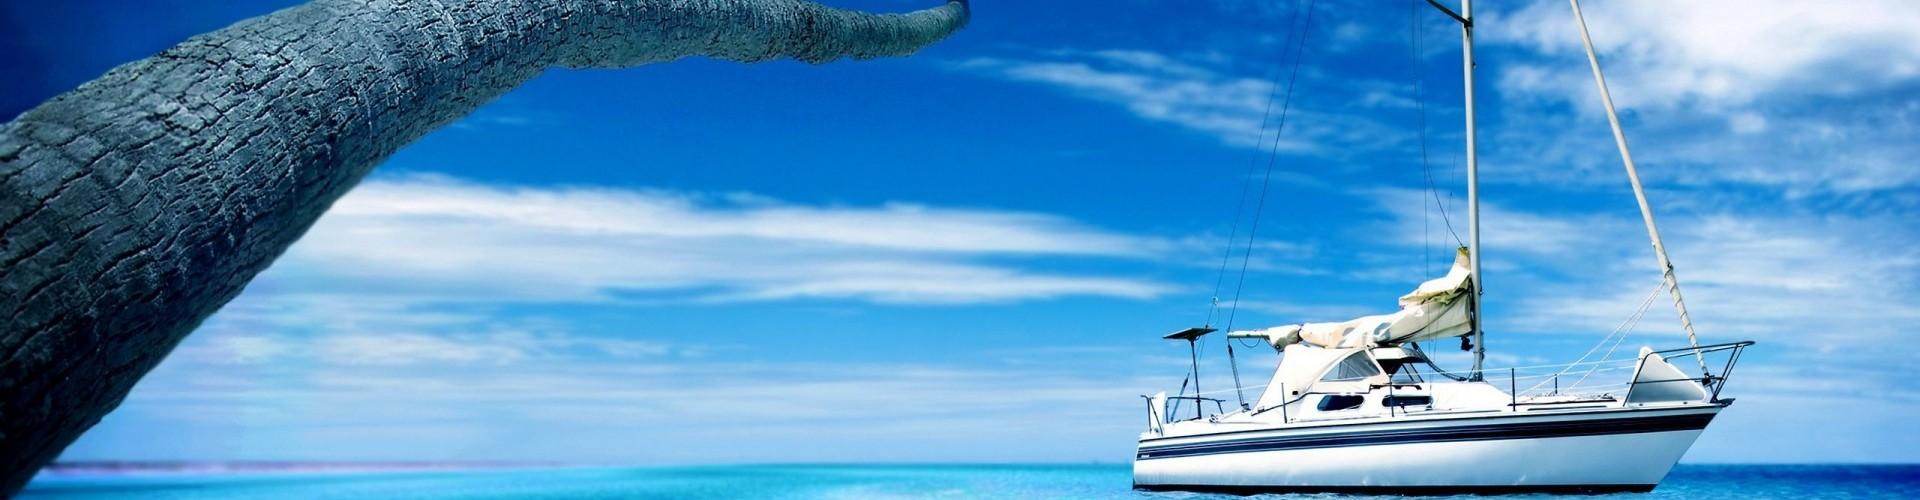 PI vacances plage puissance interieure.jpg